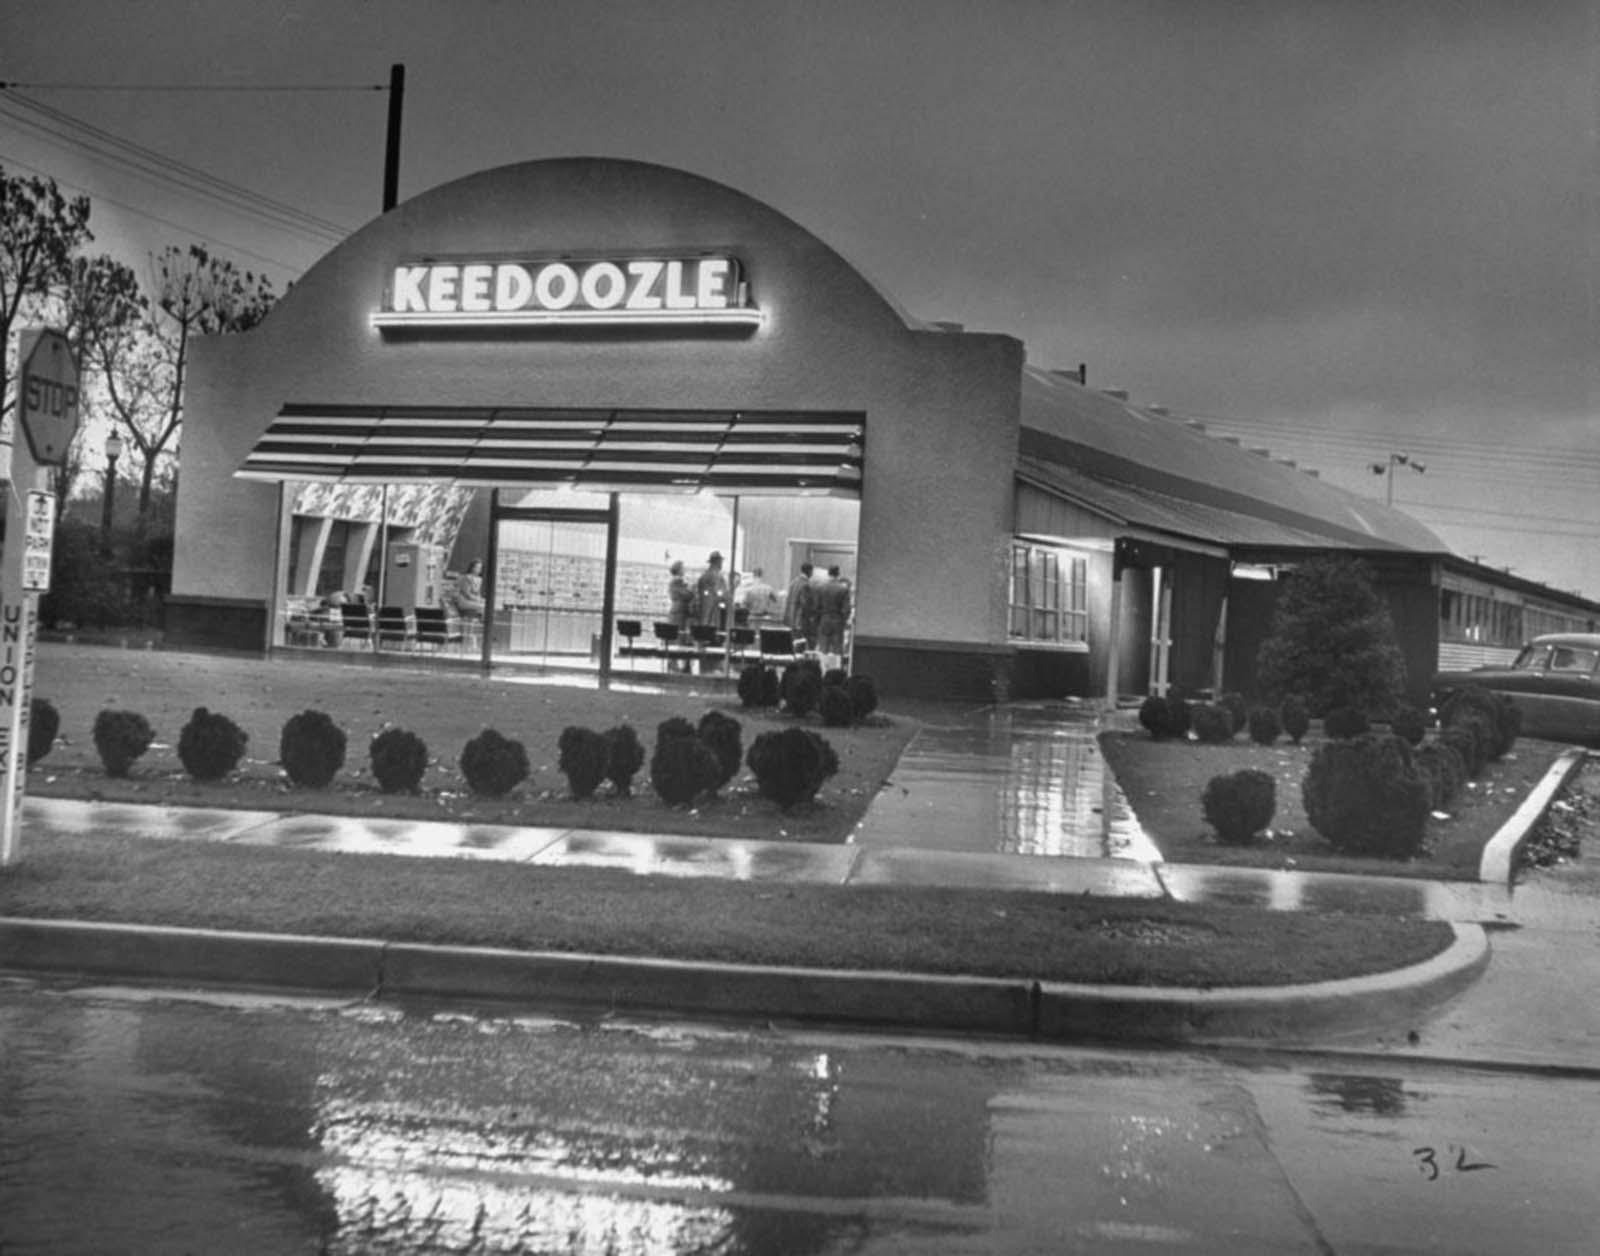 The Keedoozle store in Memphis.